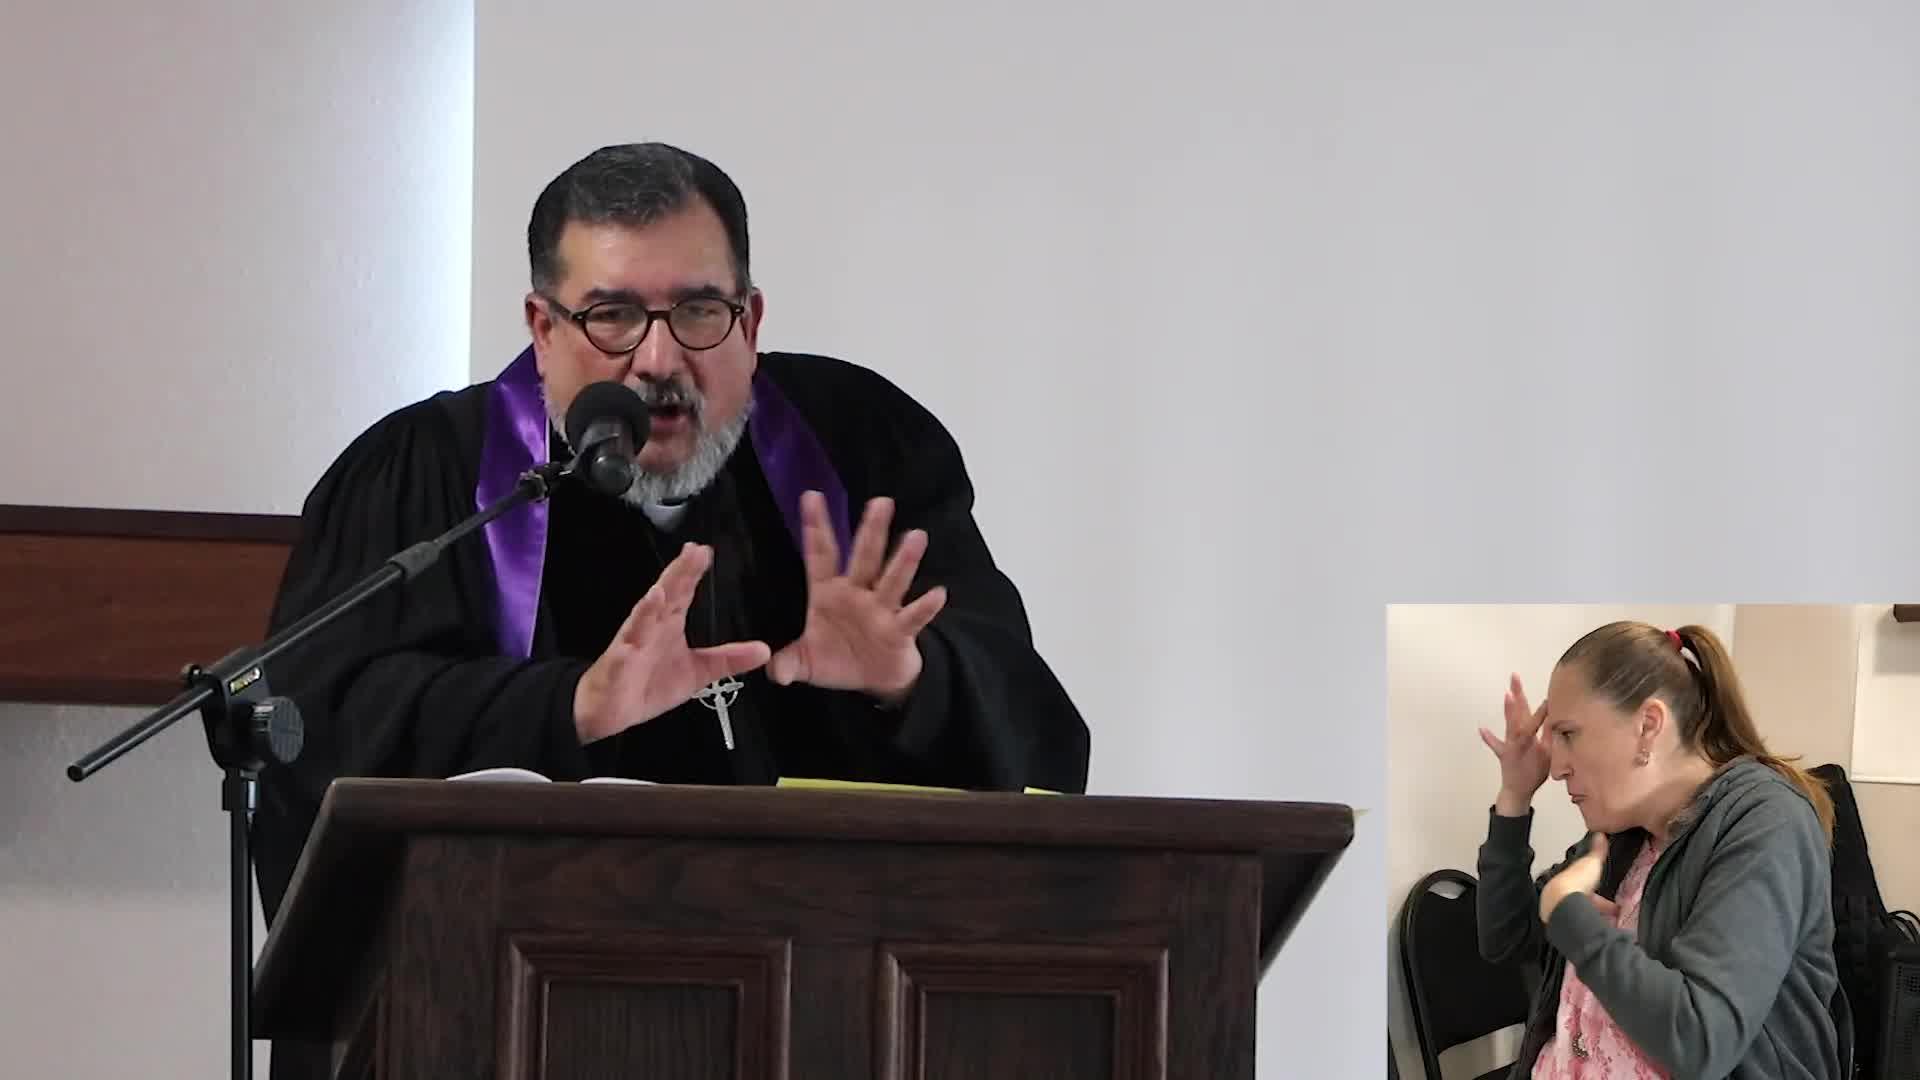 Sermón 2018-12-16: Compromiso Inquebrantable - Rvdo. Carlos Cruz Moya